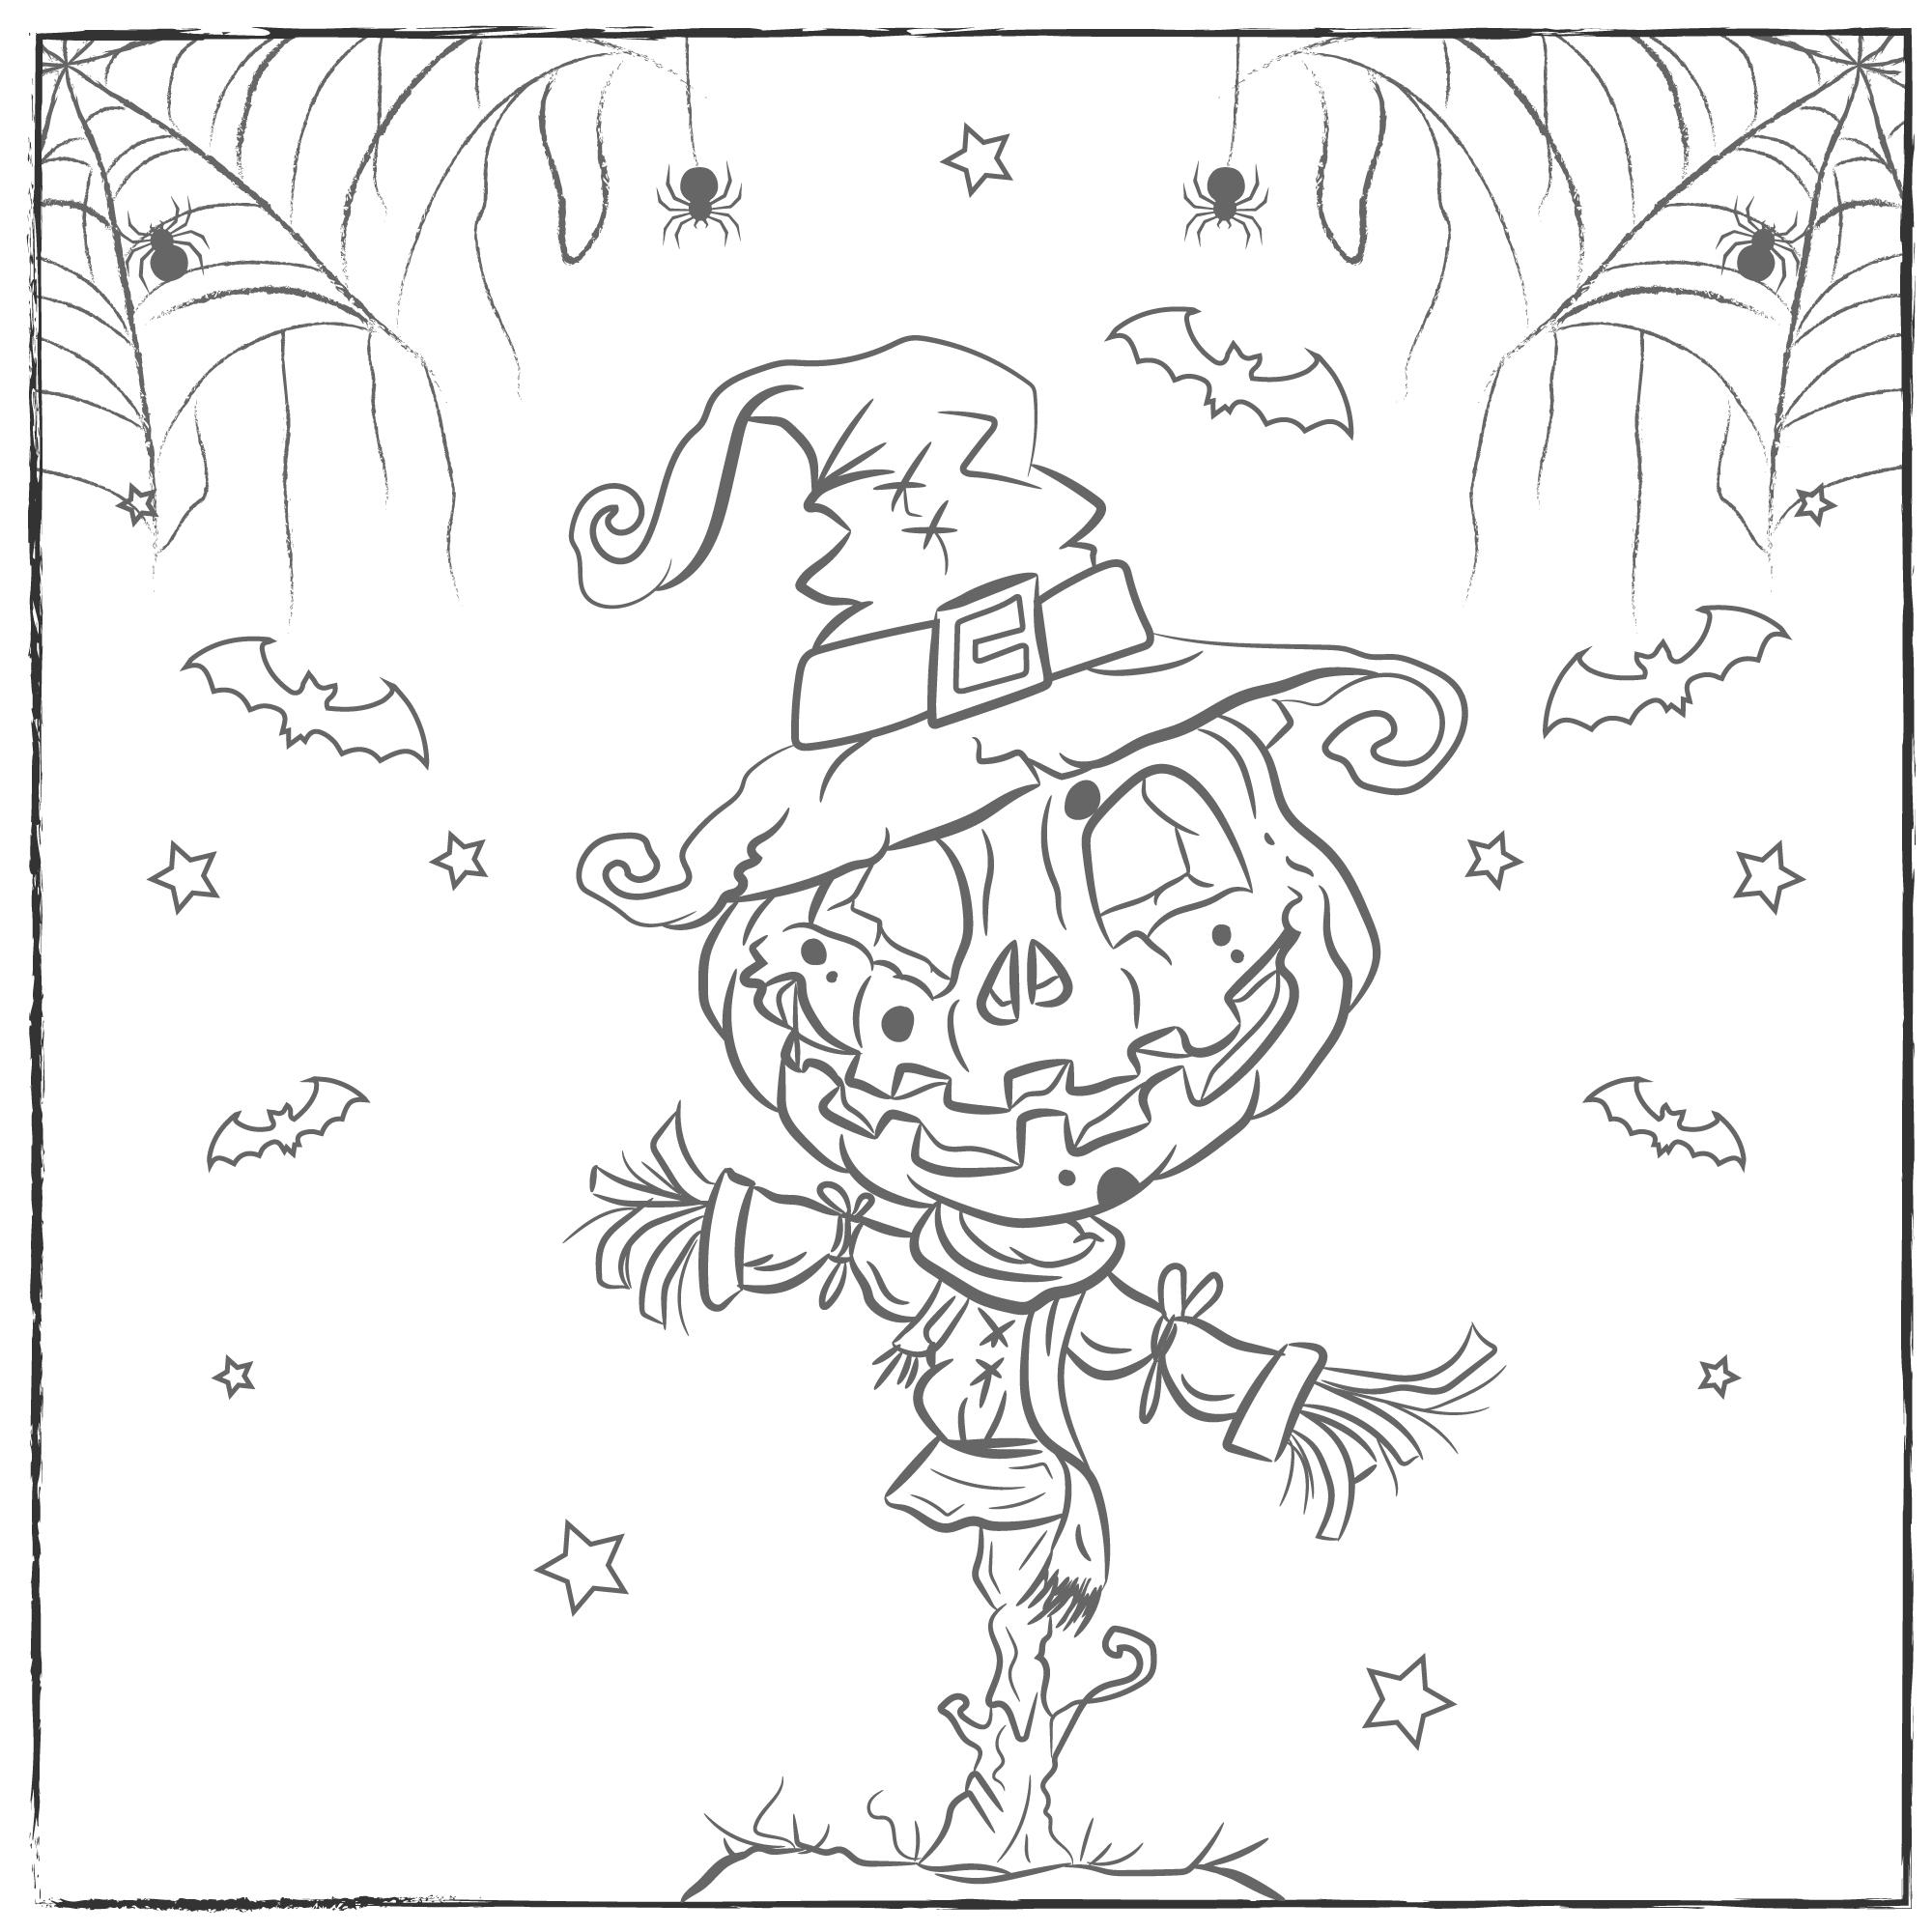 Coloriage Epouvantail Citrouille D Halloween Telecharger Vectoriel Gratuit Clipart Graphique Vecteur Dessins Et Pictogramme Gratuit